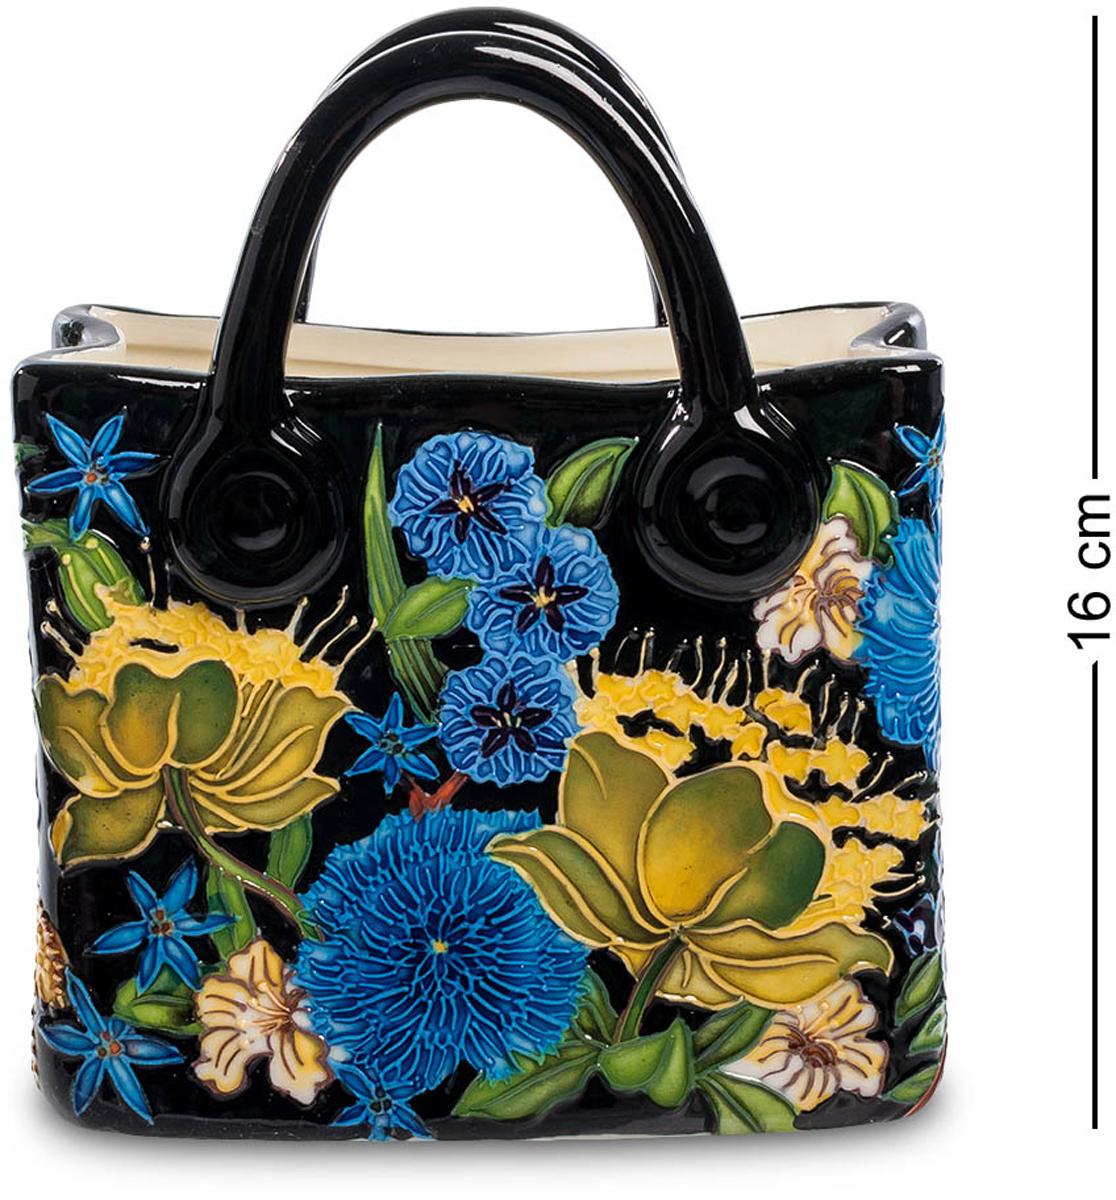 Ваза-кашпо Pavone Сумочка. JP-670/ 2FS-91909Ваза высотой 16 см.Интересная ваза-кашпо очень напоминает женскую сумочку. Ее изысканность подчеркнута интересной расцветкой, которая ассоциируется с красками лета. Для изготовления кашпо использовался фарфор, основной цвет вазы – черный, на котором гармонично расцвели ярко-голубые и желтые цветы, которыми оформлено ее основание.